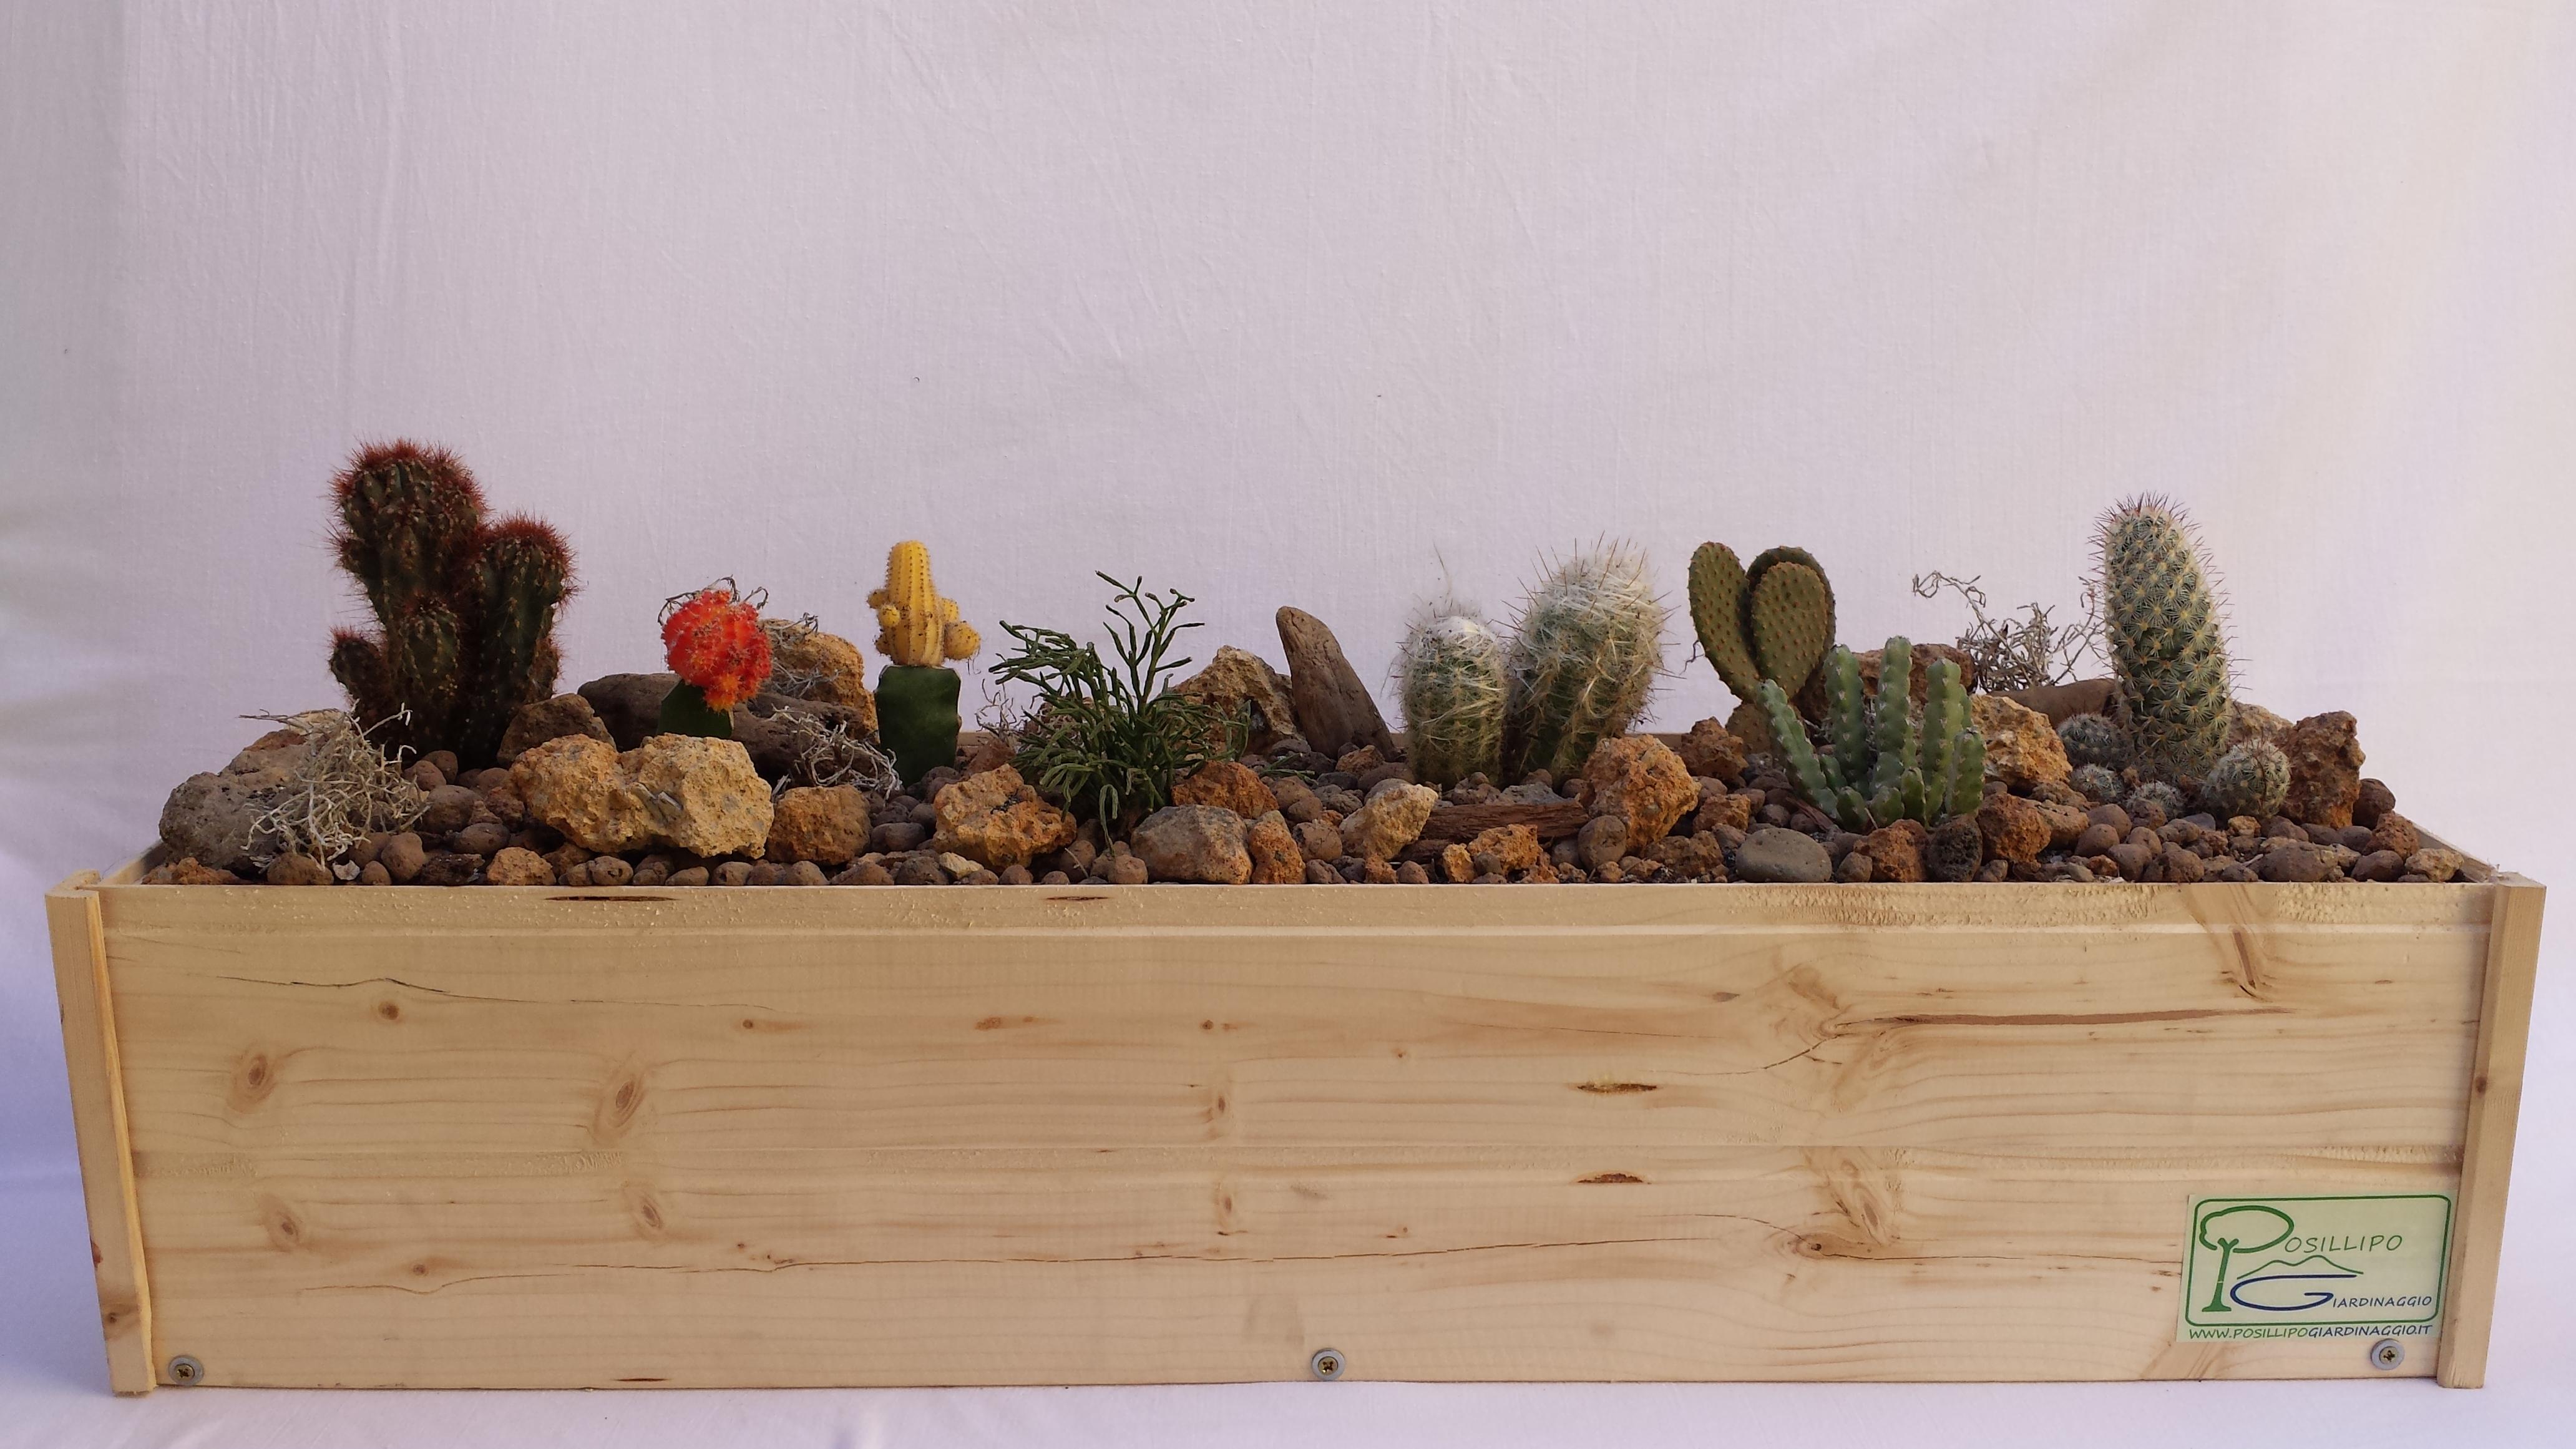 Posillipo giardinaggio servizi - Vasi con piante grasse ...